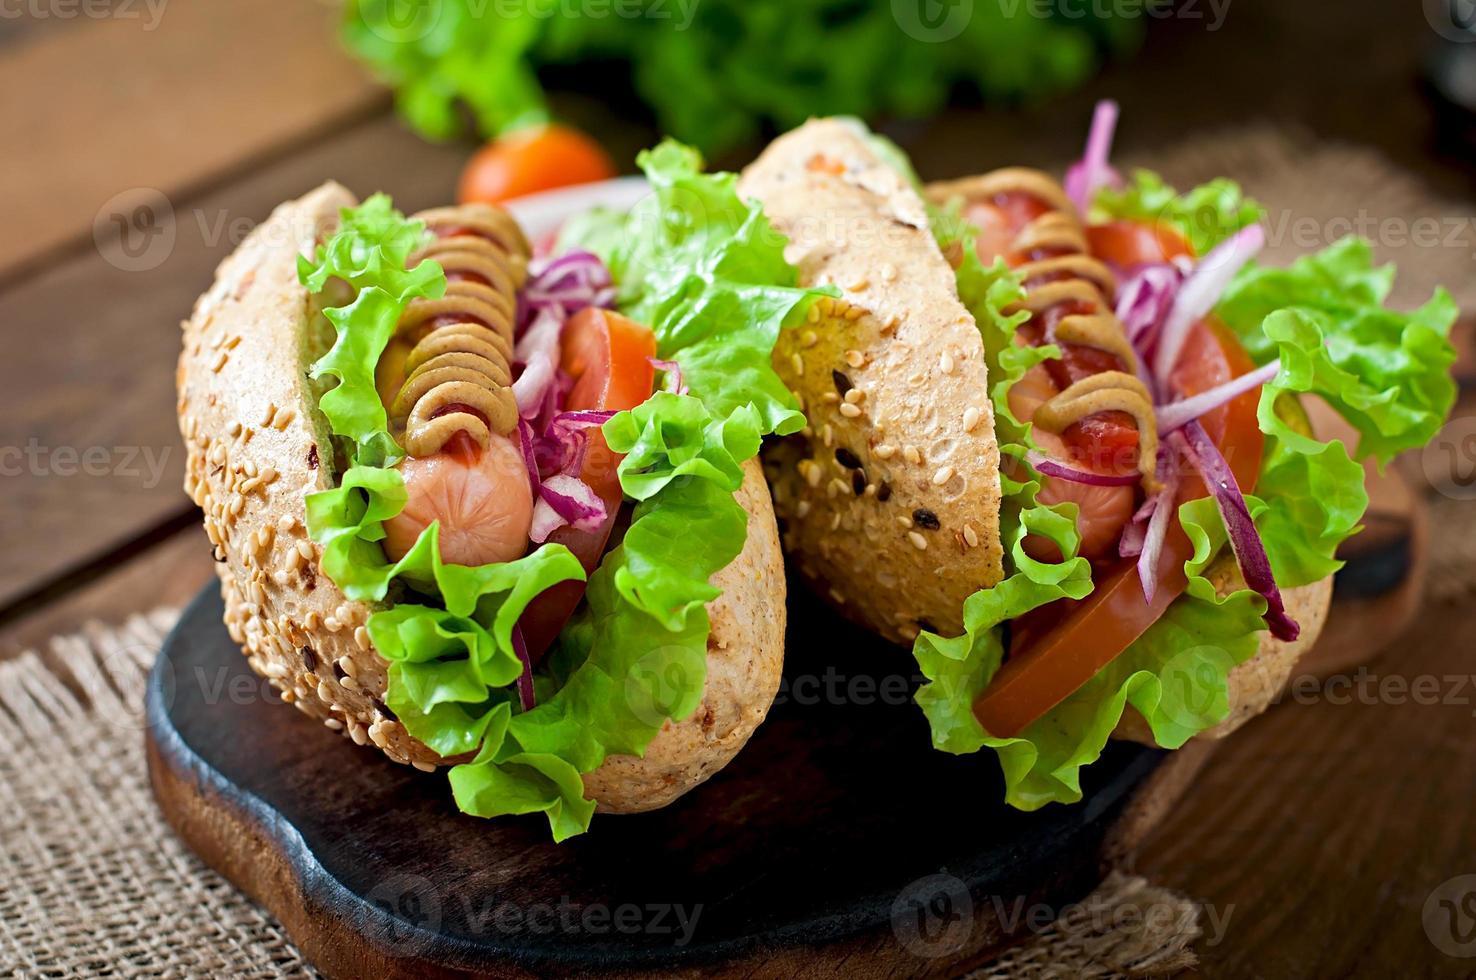 hotdog med ketchup senap och sallad på träbakgrund. foto